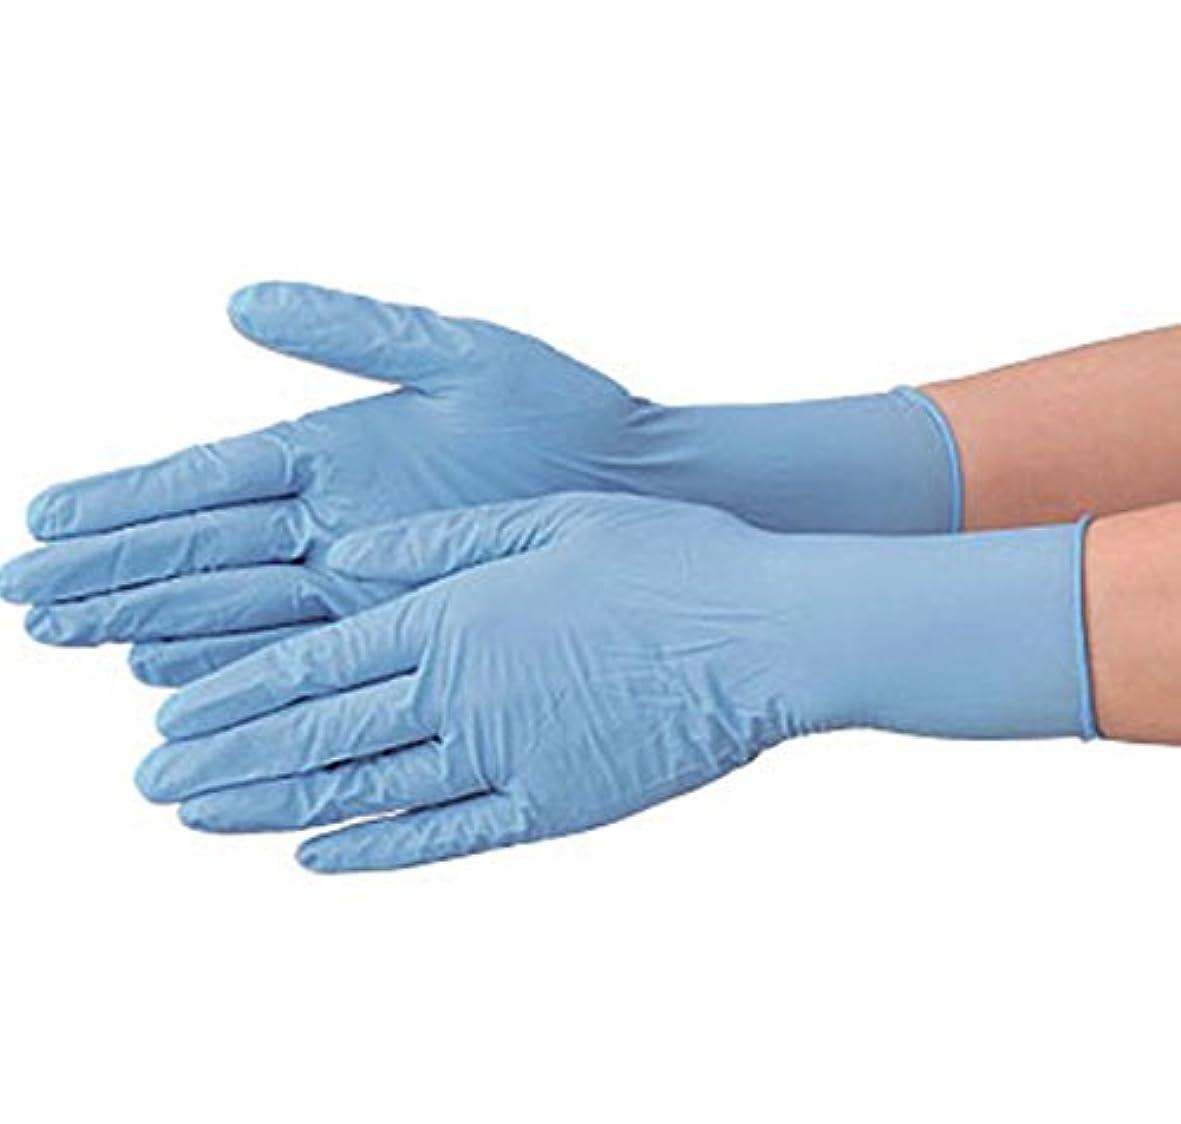 好戦的な決定スナック使い捨て 手袋 エブノ 520 ニトリル 極薄手袋 パウダーフリー ブルー Mサイズ 2ケース(100枚×40箱)